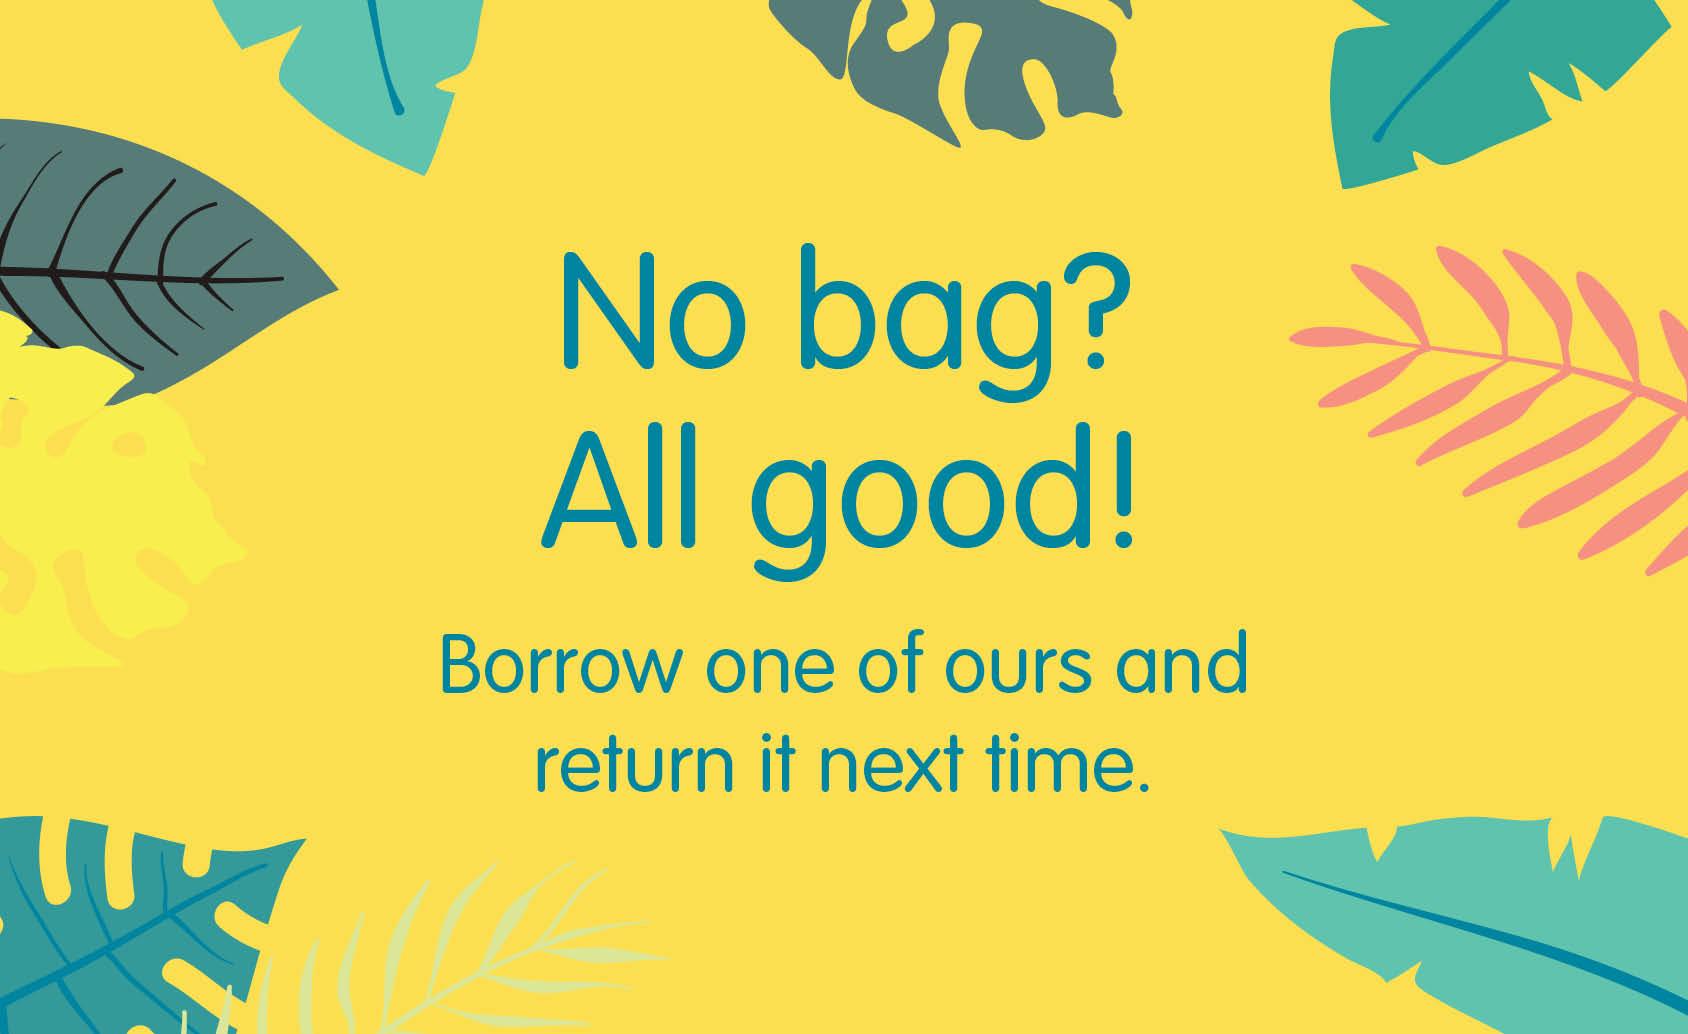 CH4317_Charter Hall_Gordon Borrow Bag_New Webtiles-844x517